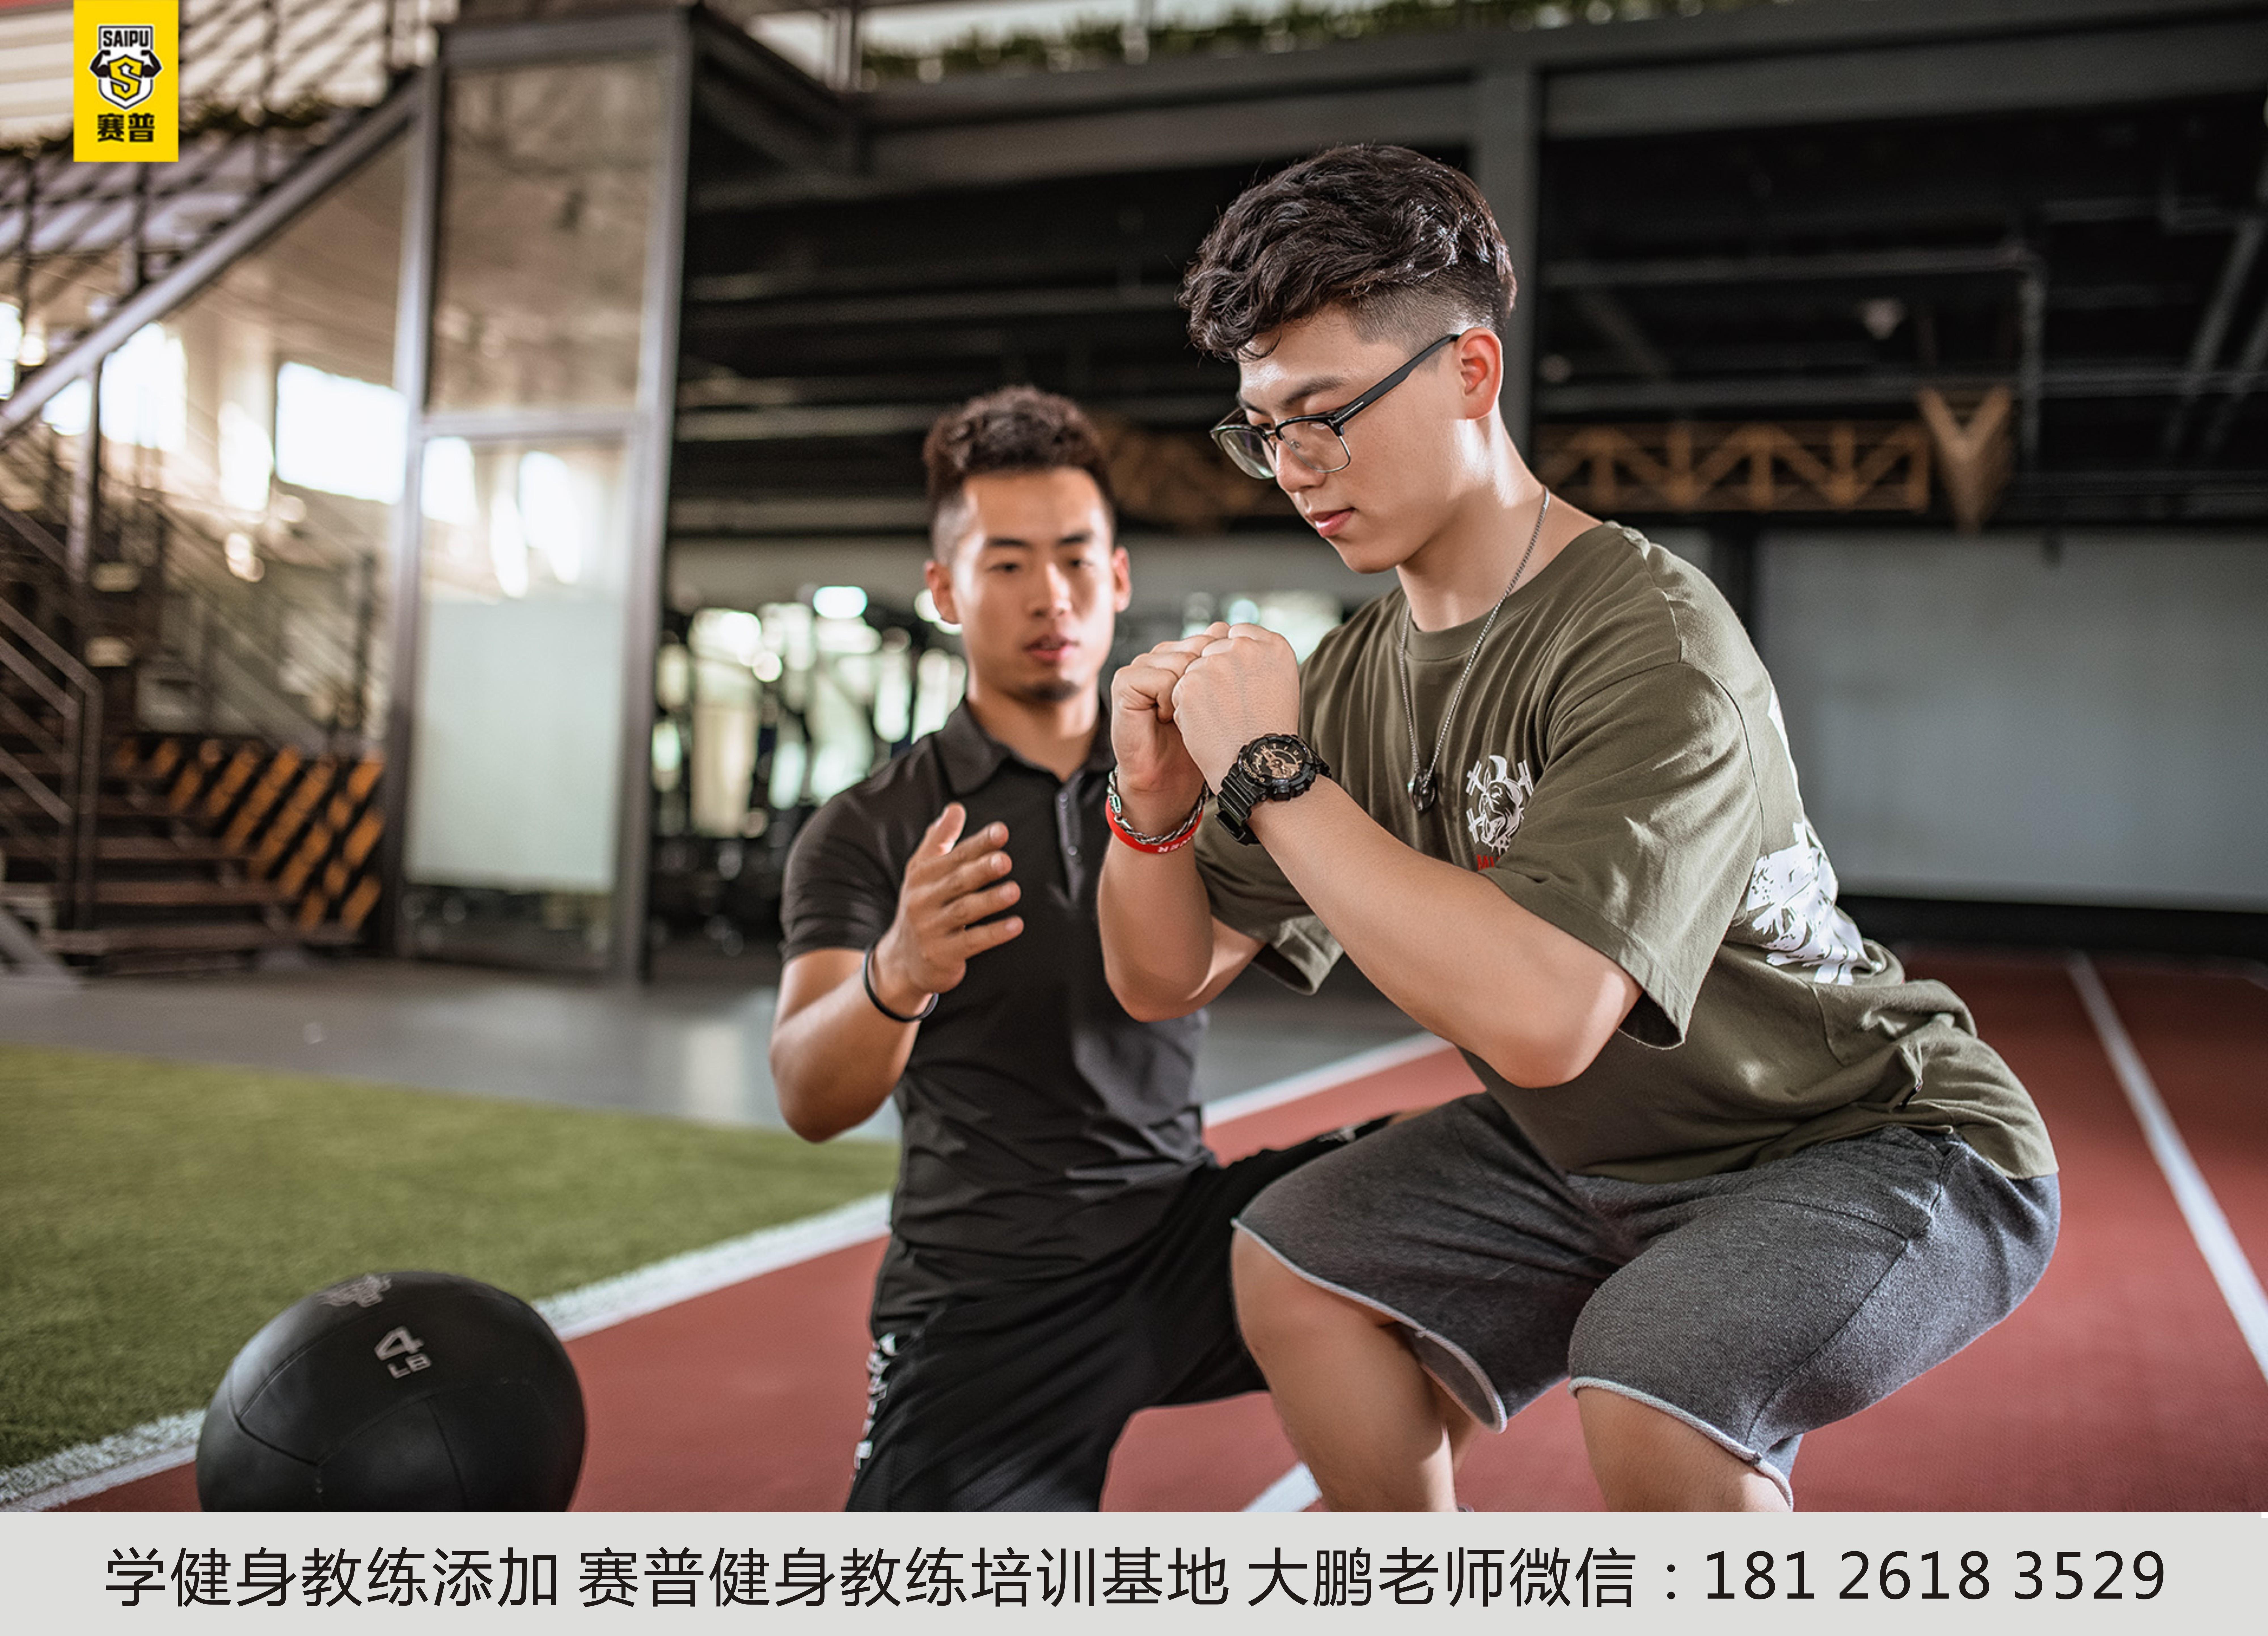 健身教练培训占重要地位的8种食物?